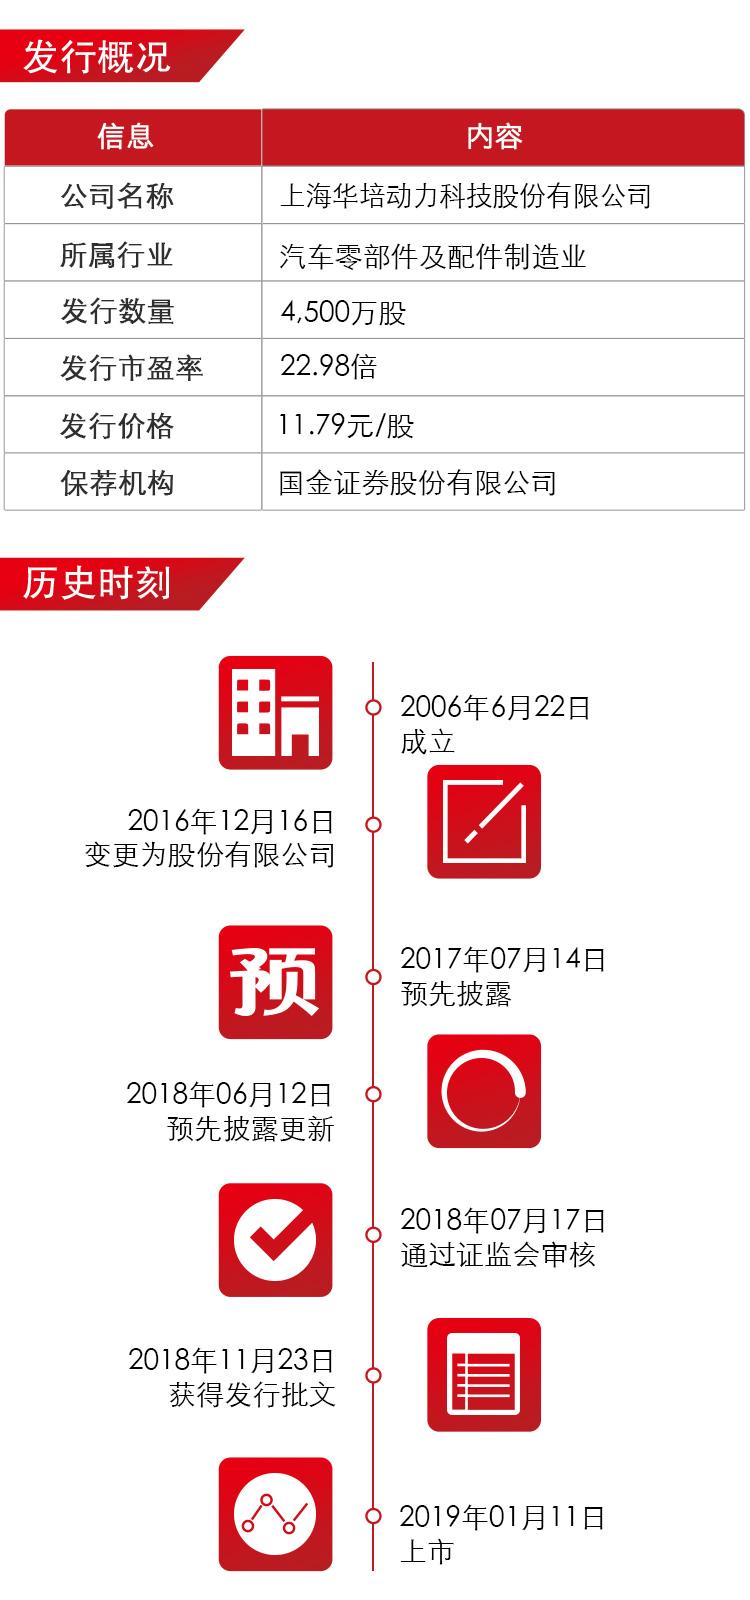 华培动力上市海报02.jpg